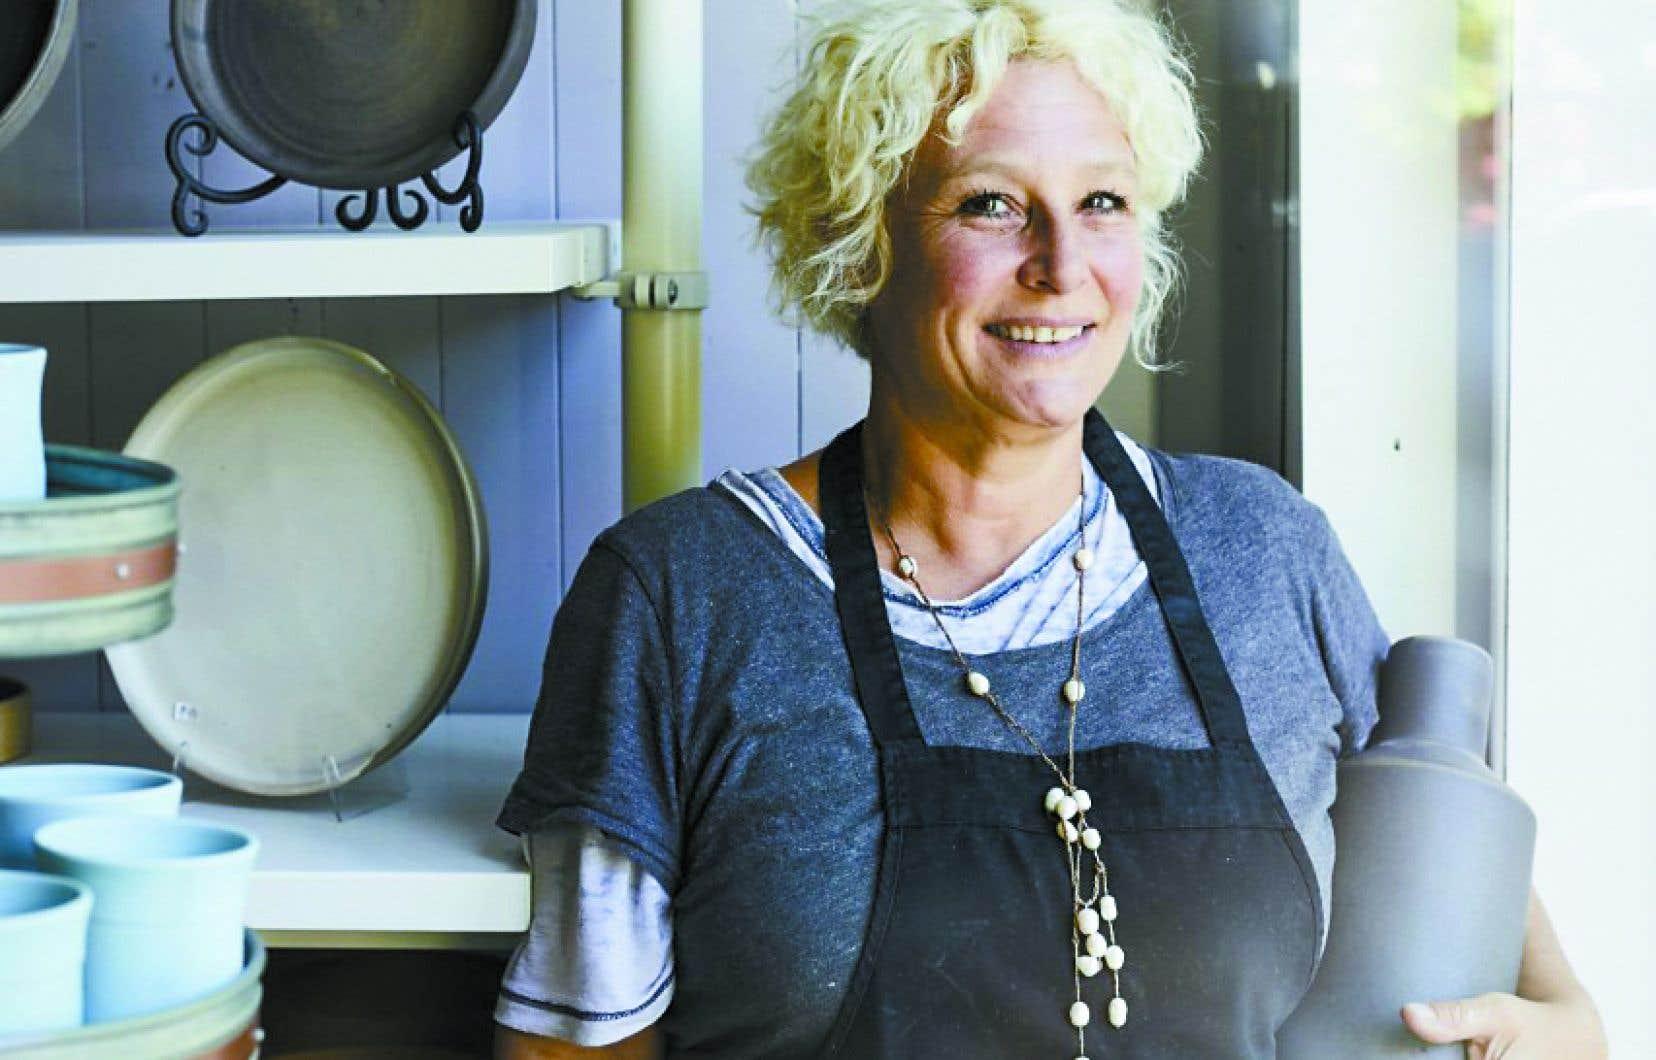 Catherine Auriol dans son atelier-boutique de céramique, Gaïa